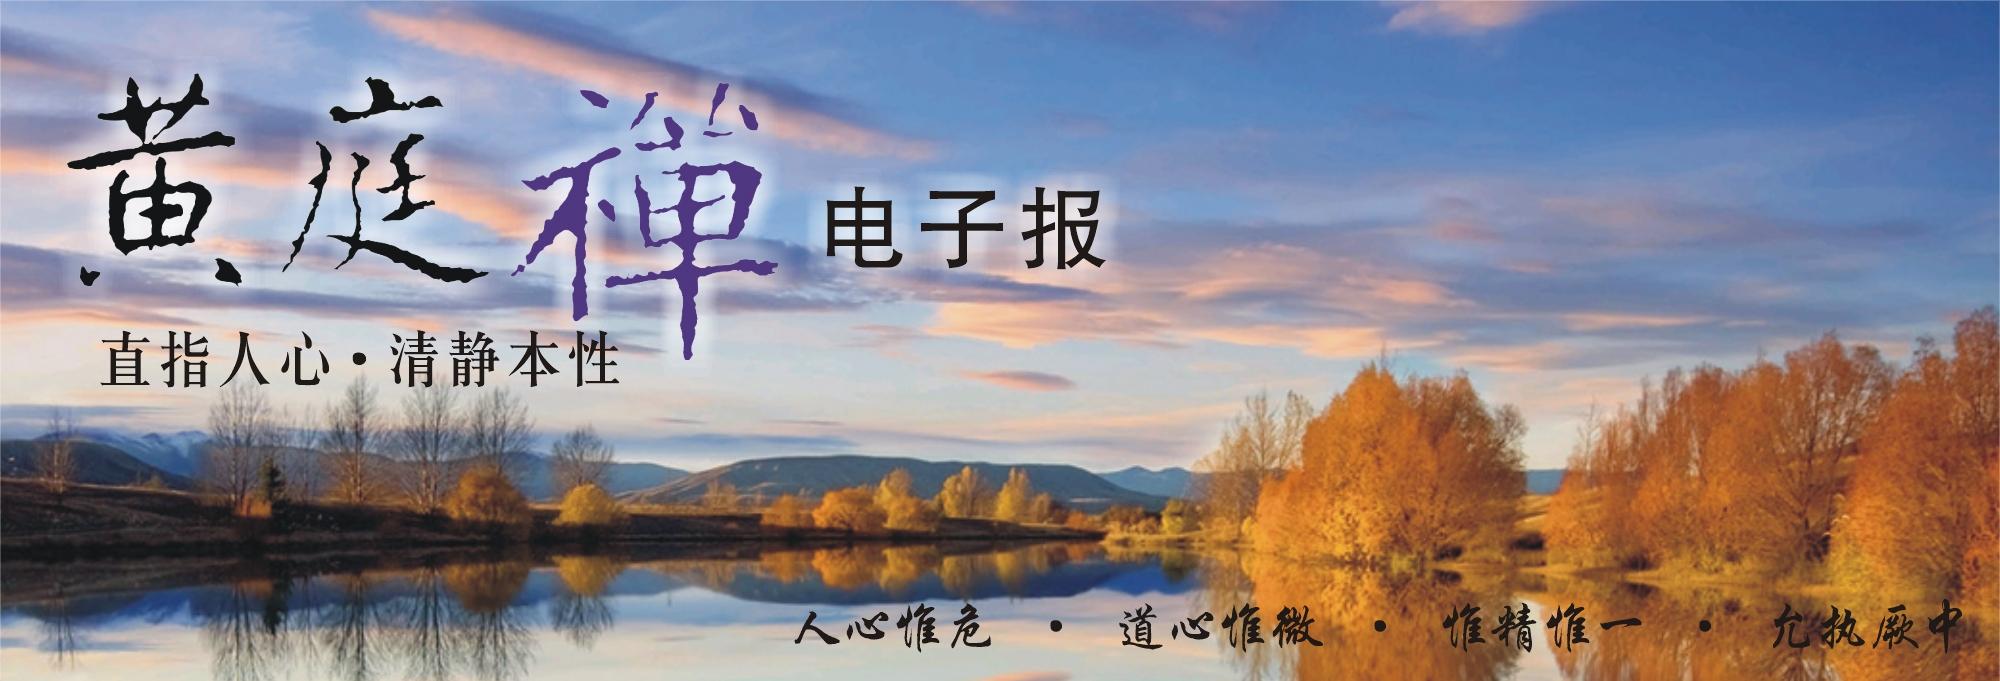 中华黄庭禅学会2014.11.01电子报